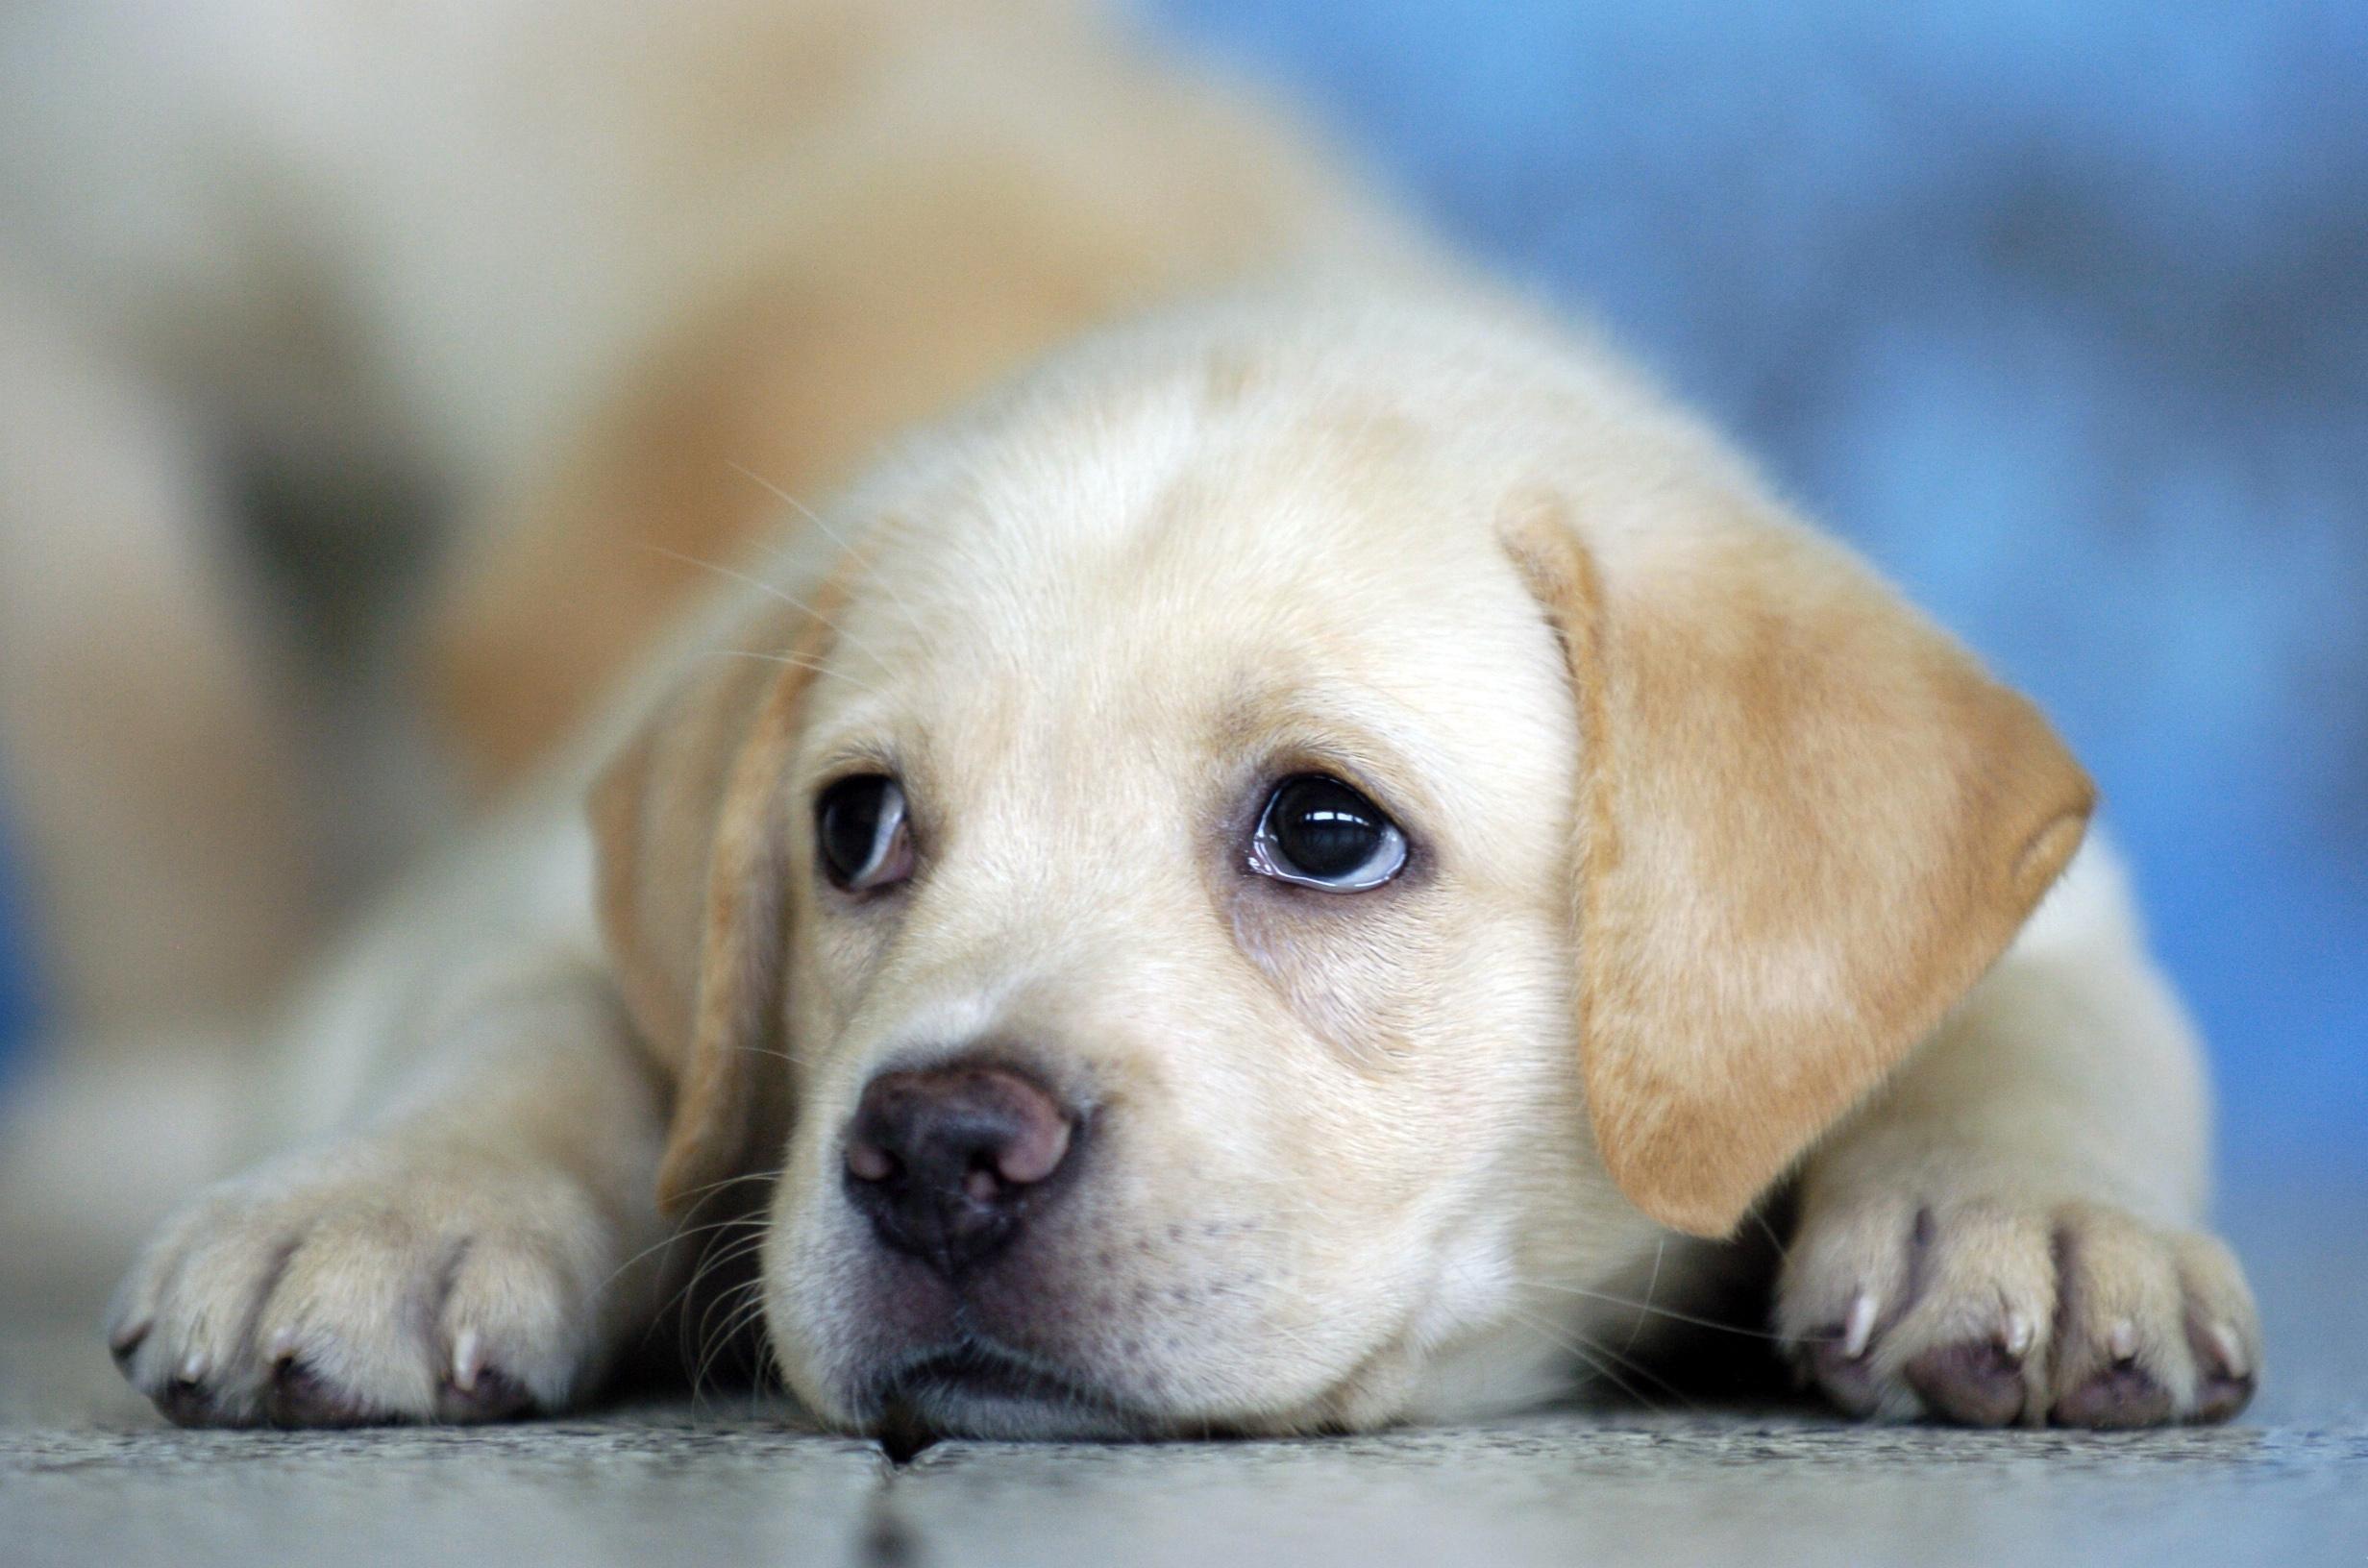 Cute Labrador Puppy Hd Desktop Wallpaper Widescreen High